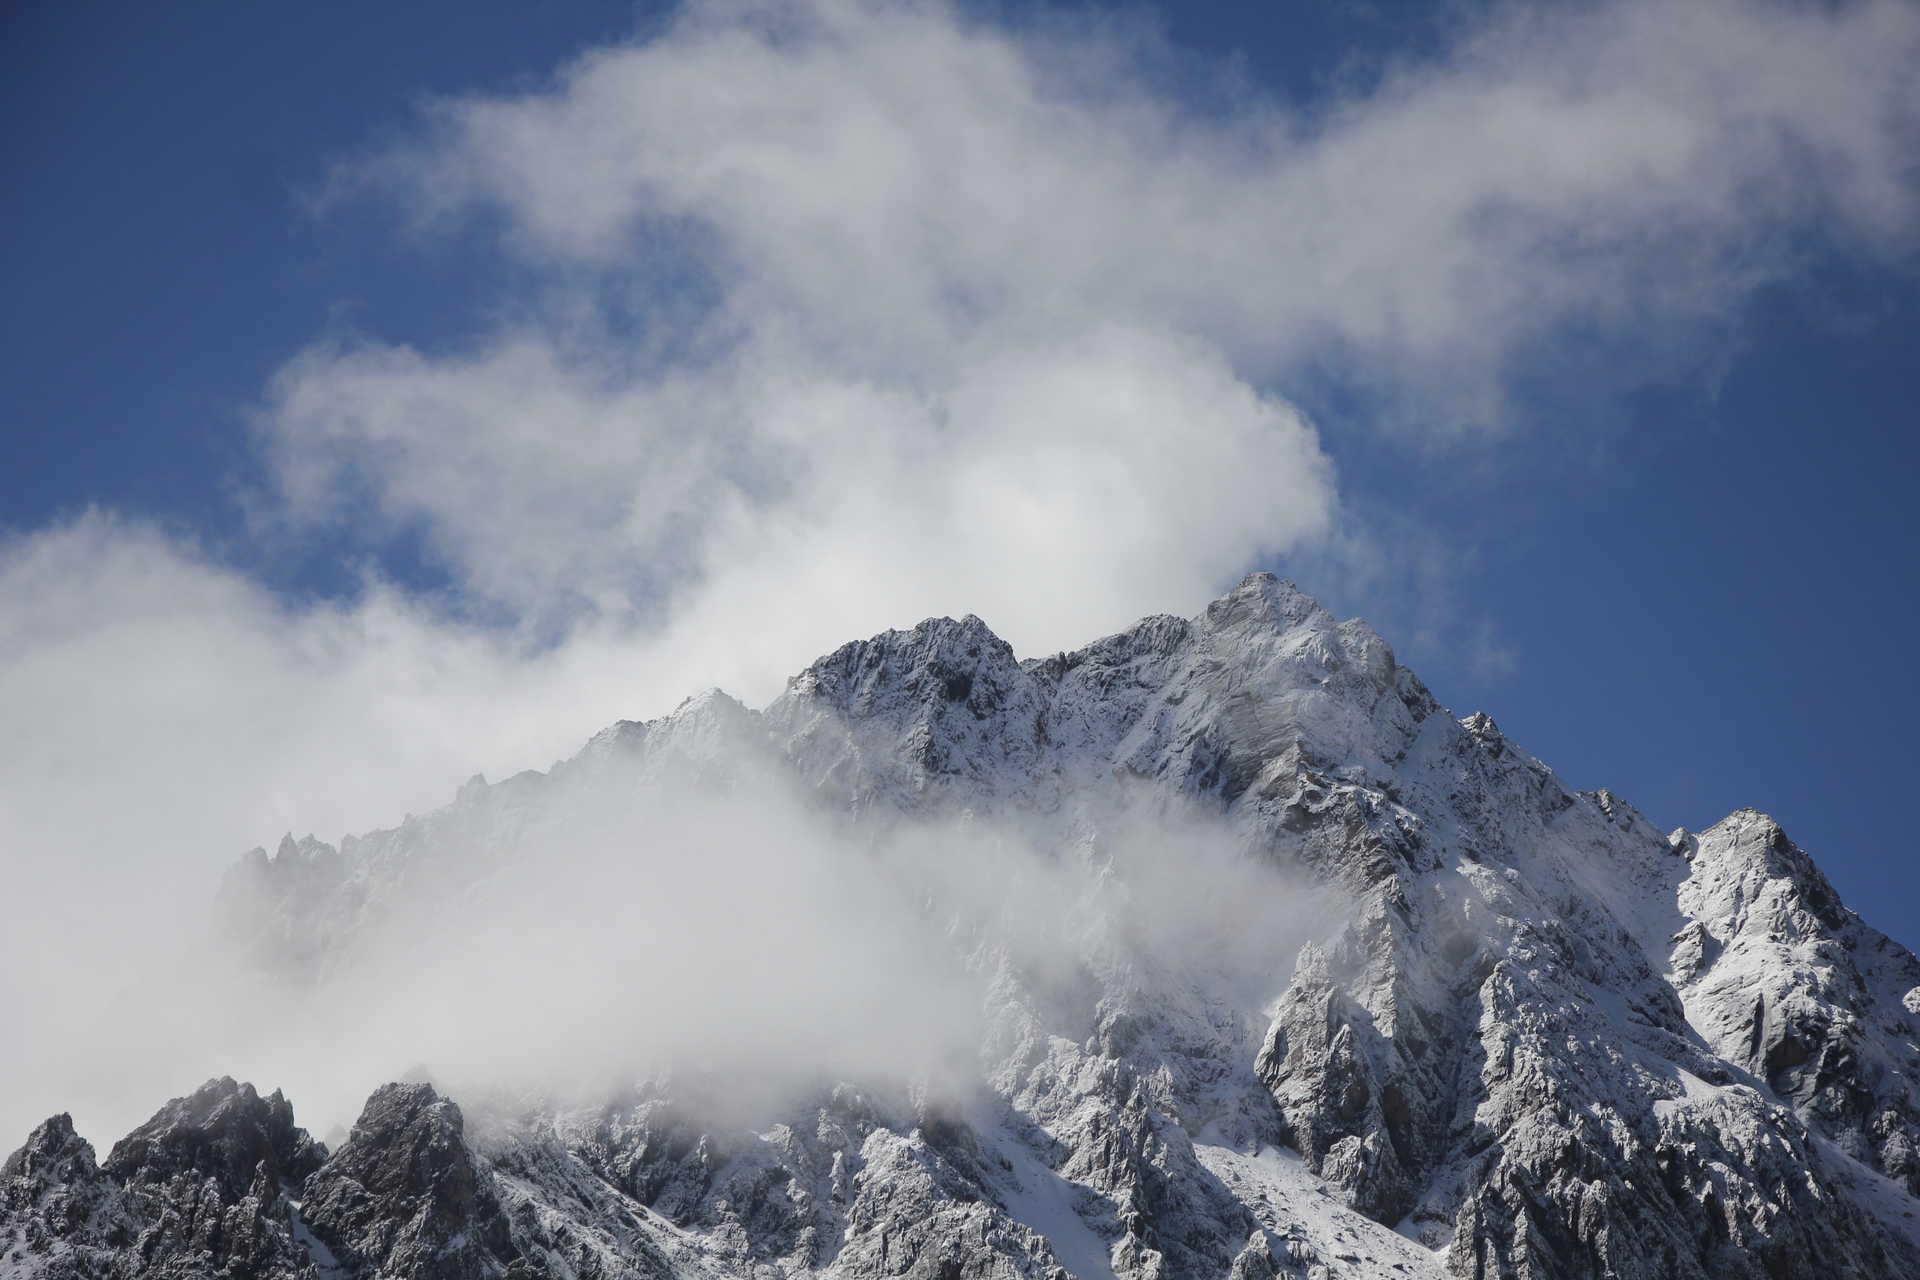 Peaks of the Salkantay